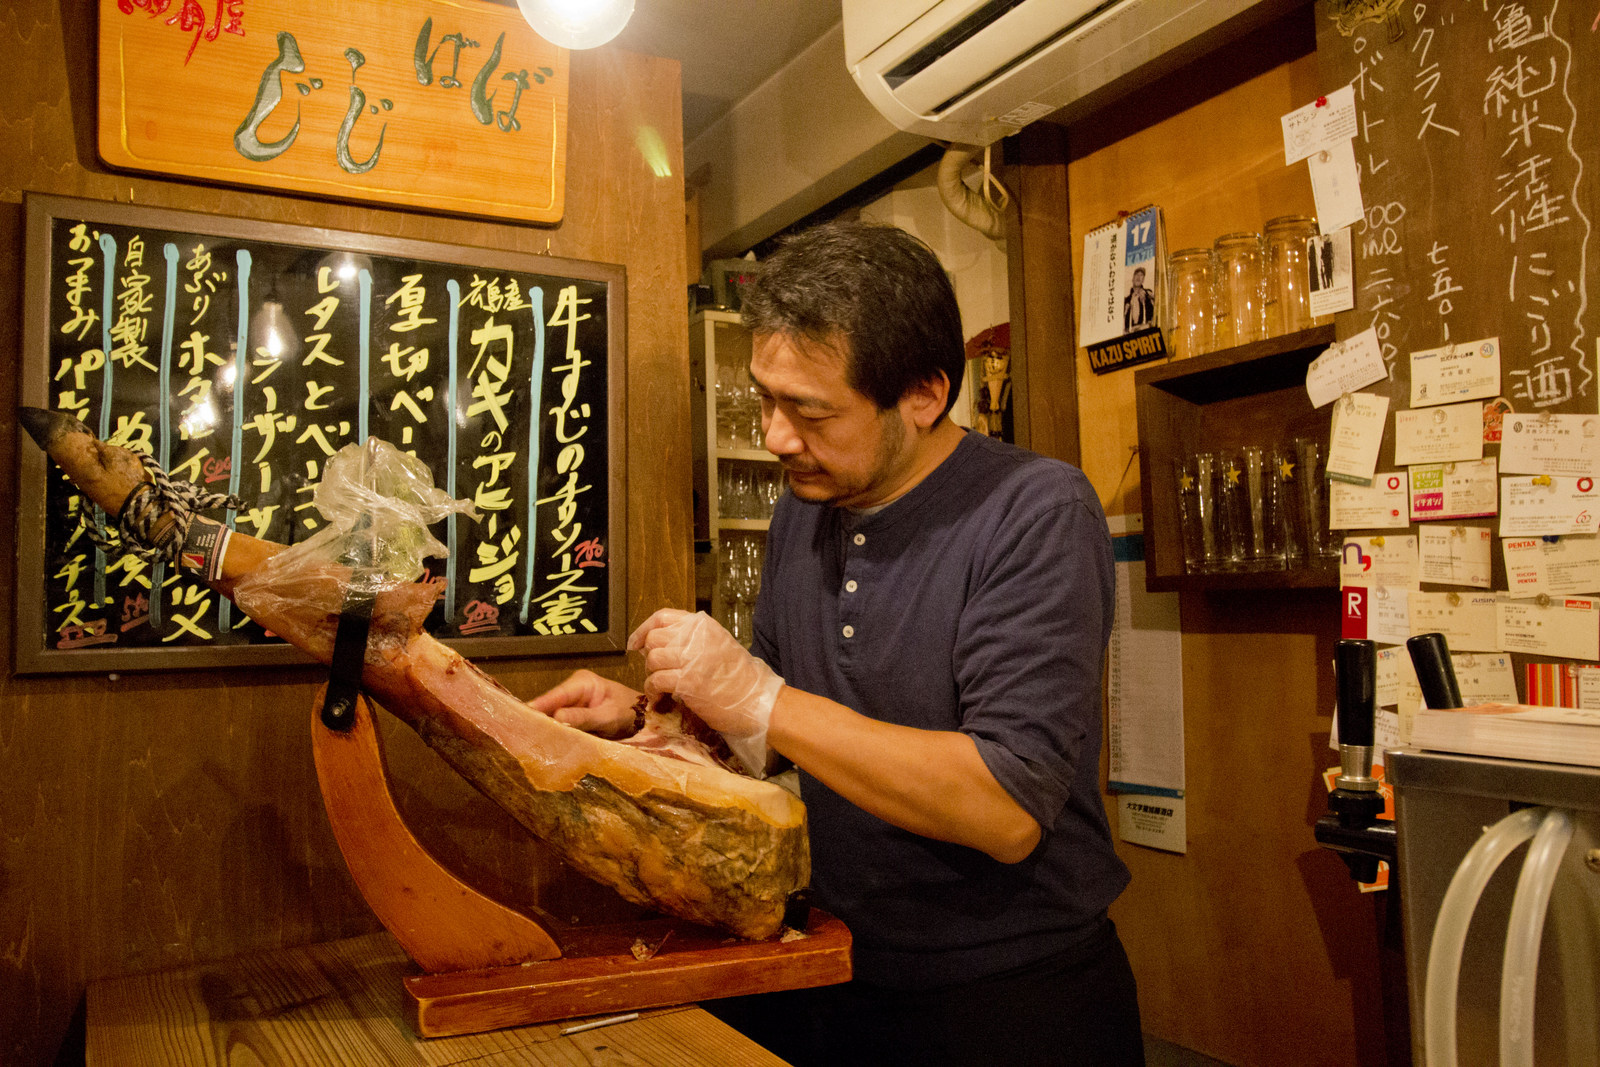 おとなりのお客さんが注文していた、スペイン産のイベリコ生ハム。その場でスライスしてもらえます